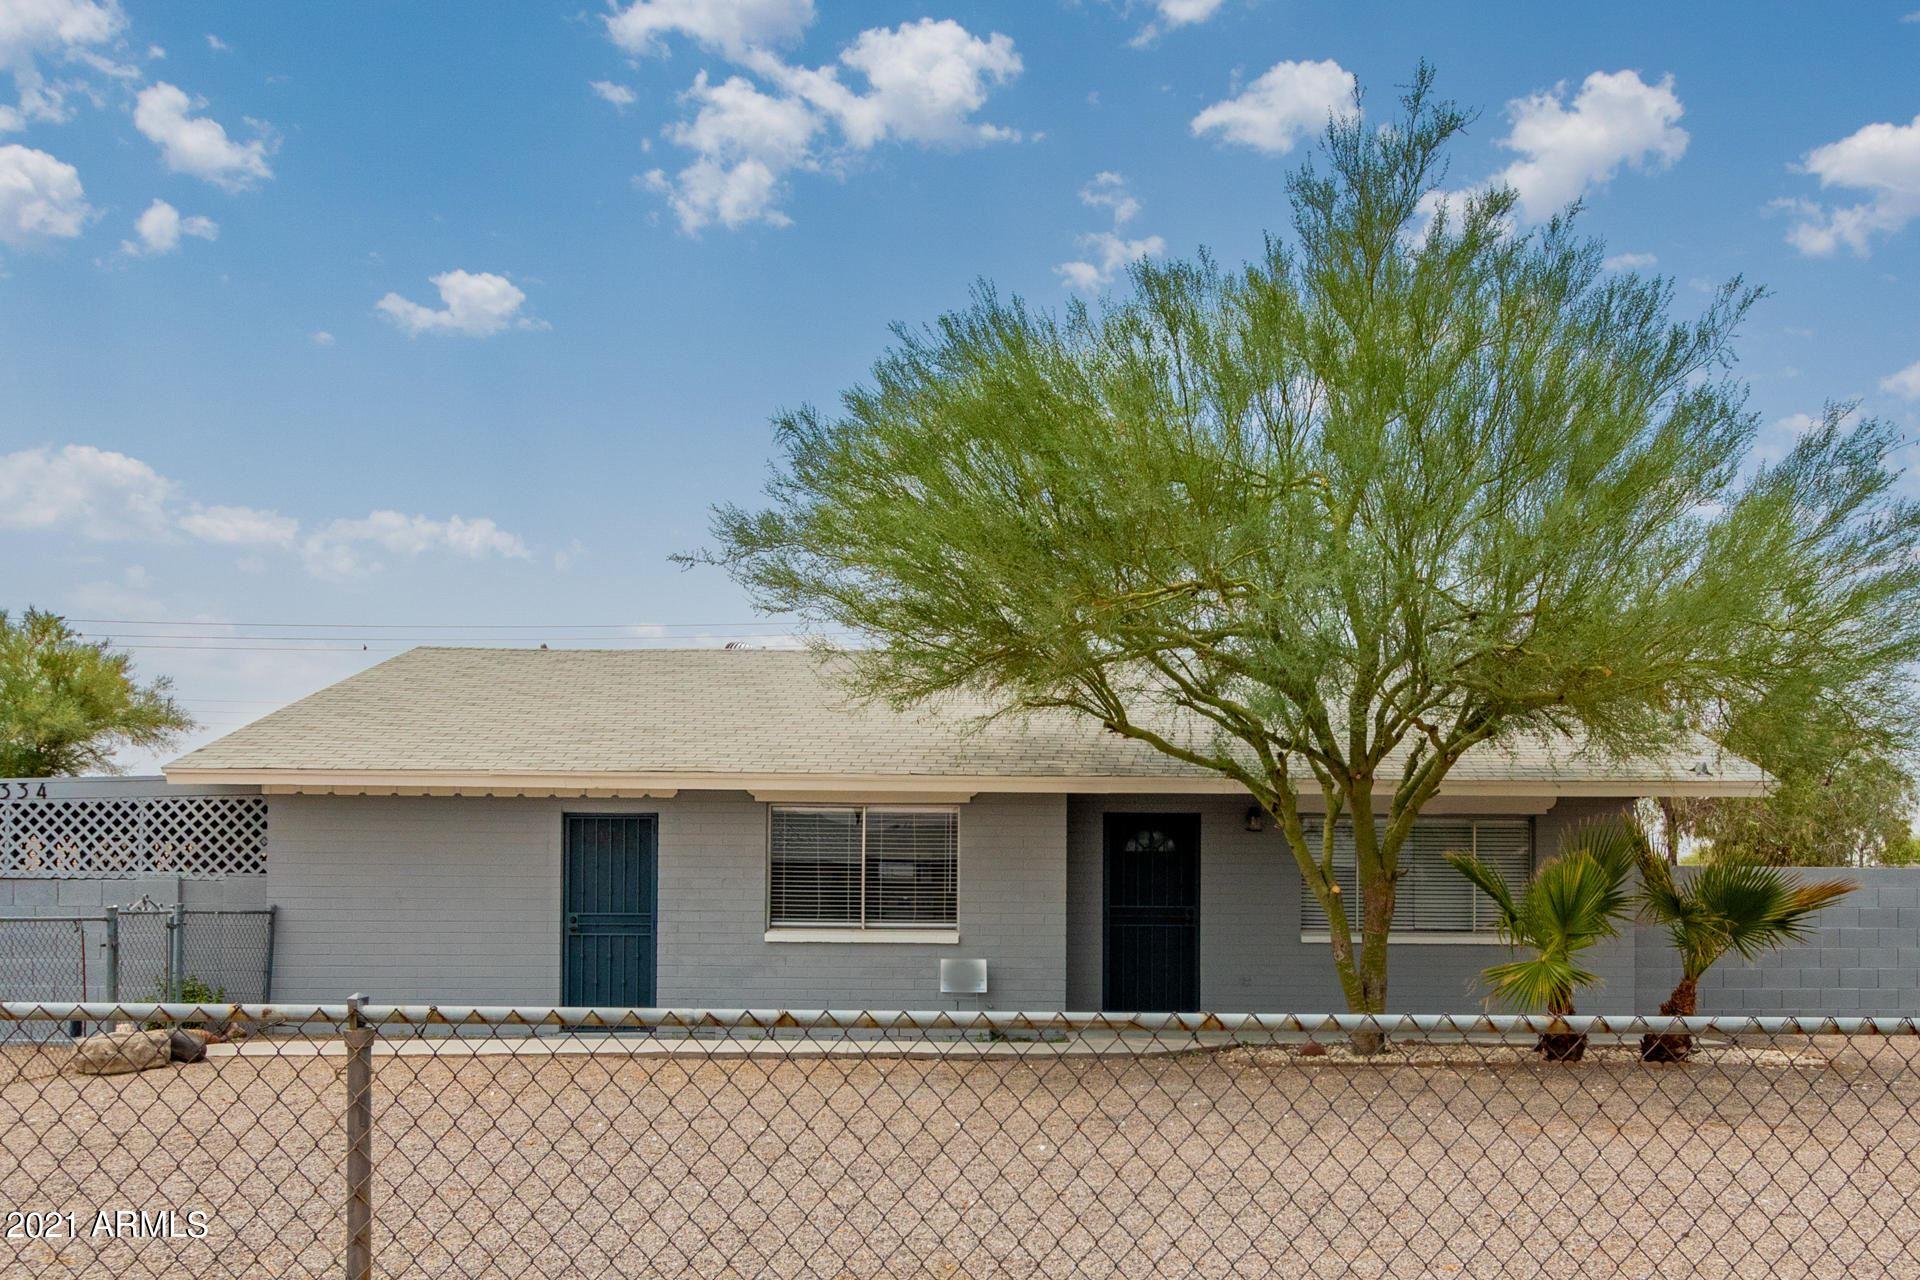 334 S PALO VERDE Drive, Apache Junction, AZ 85120 - #: 6268785